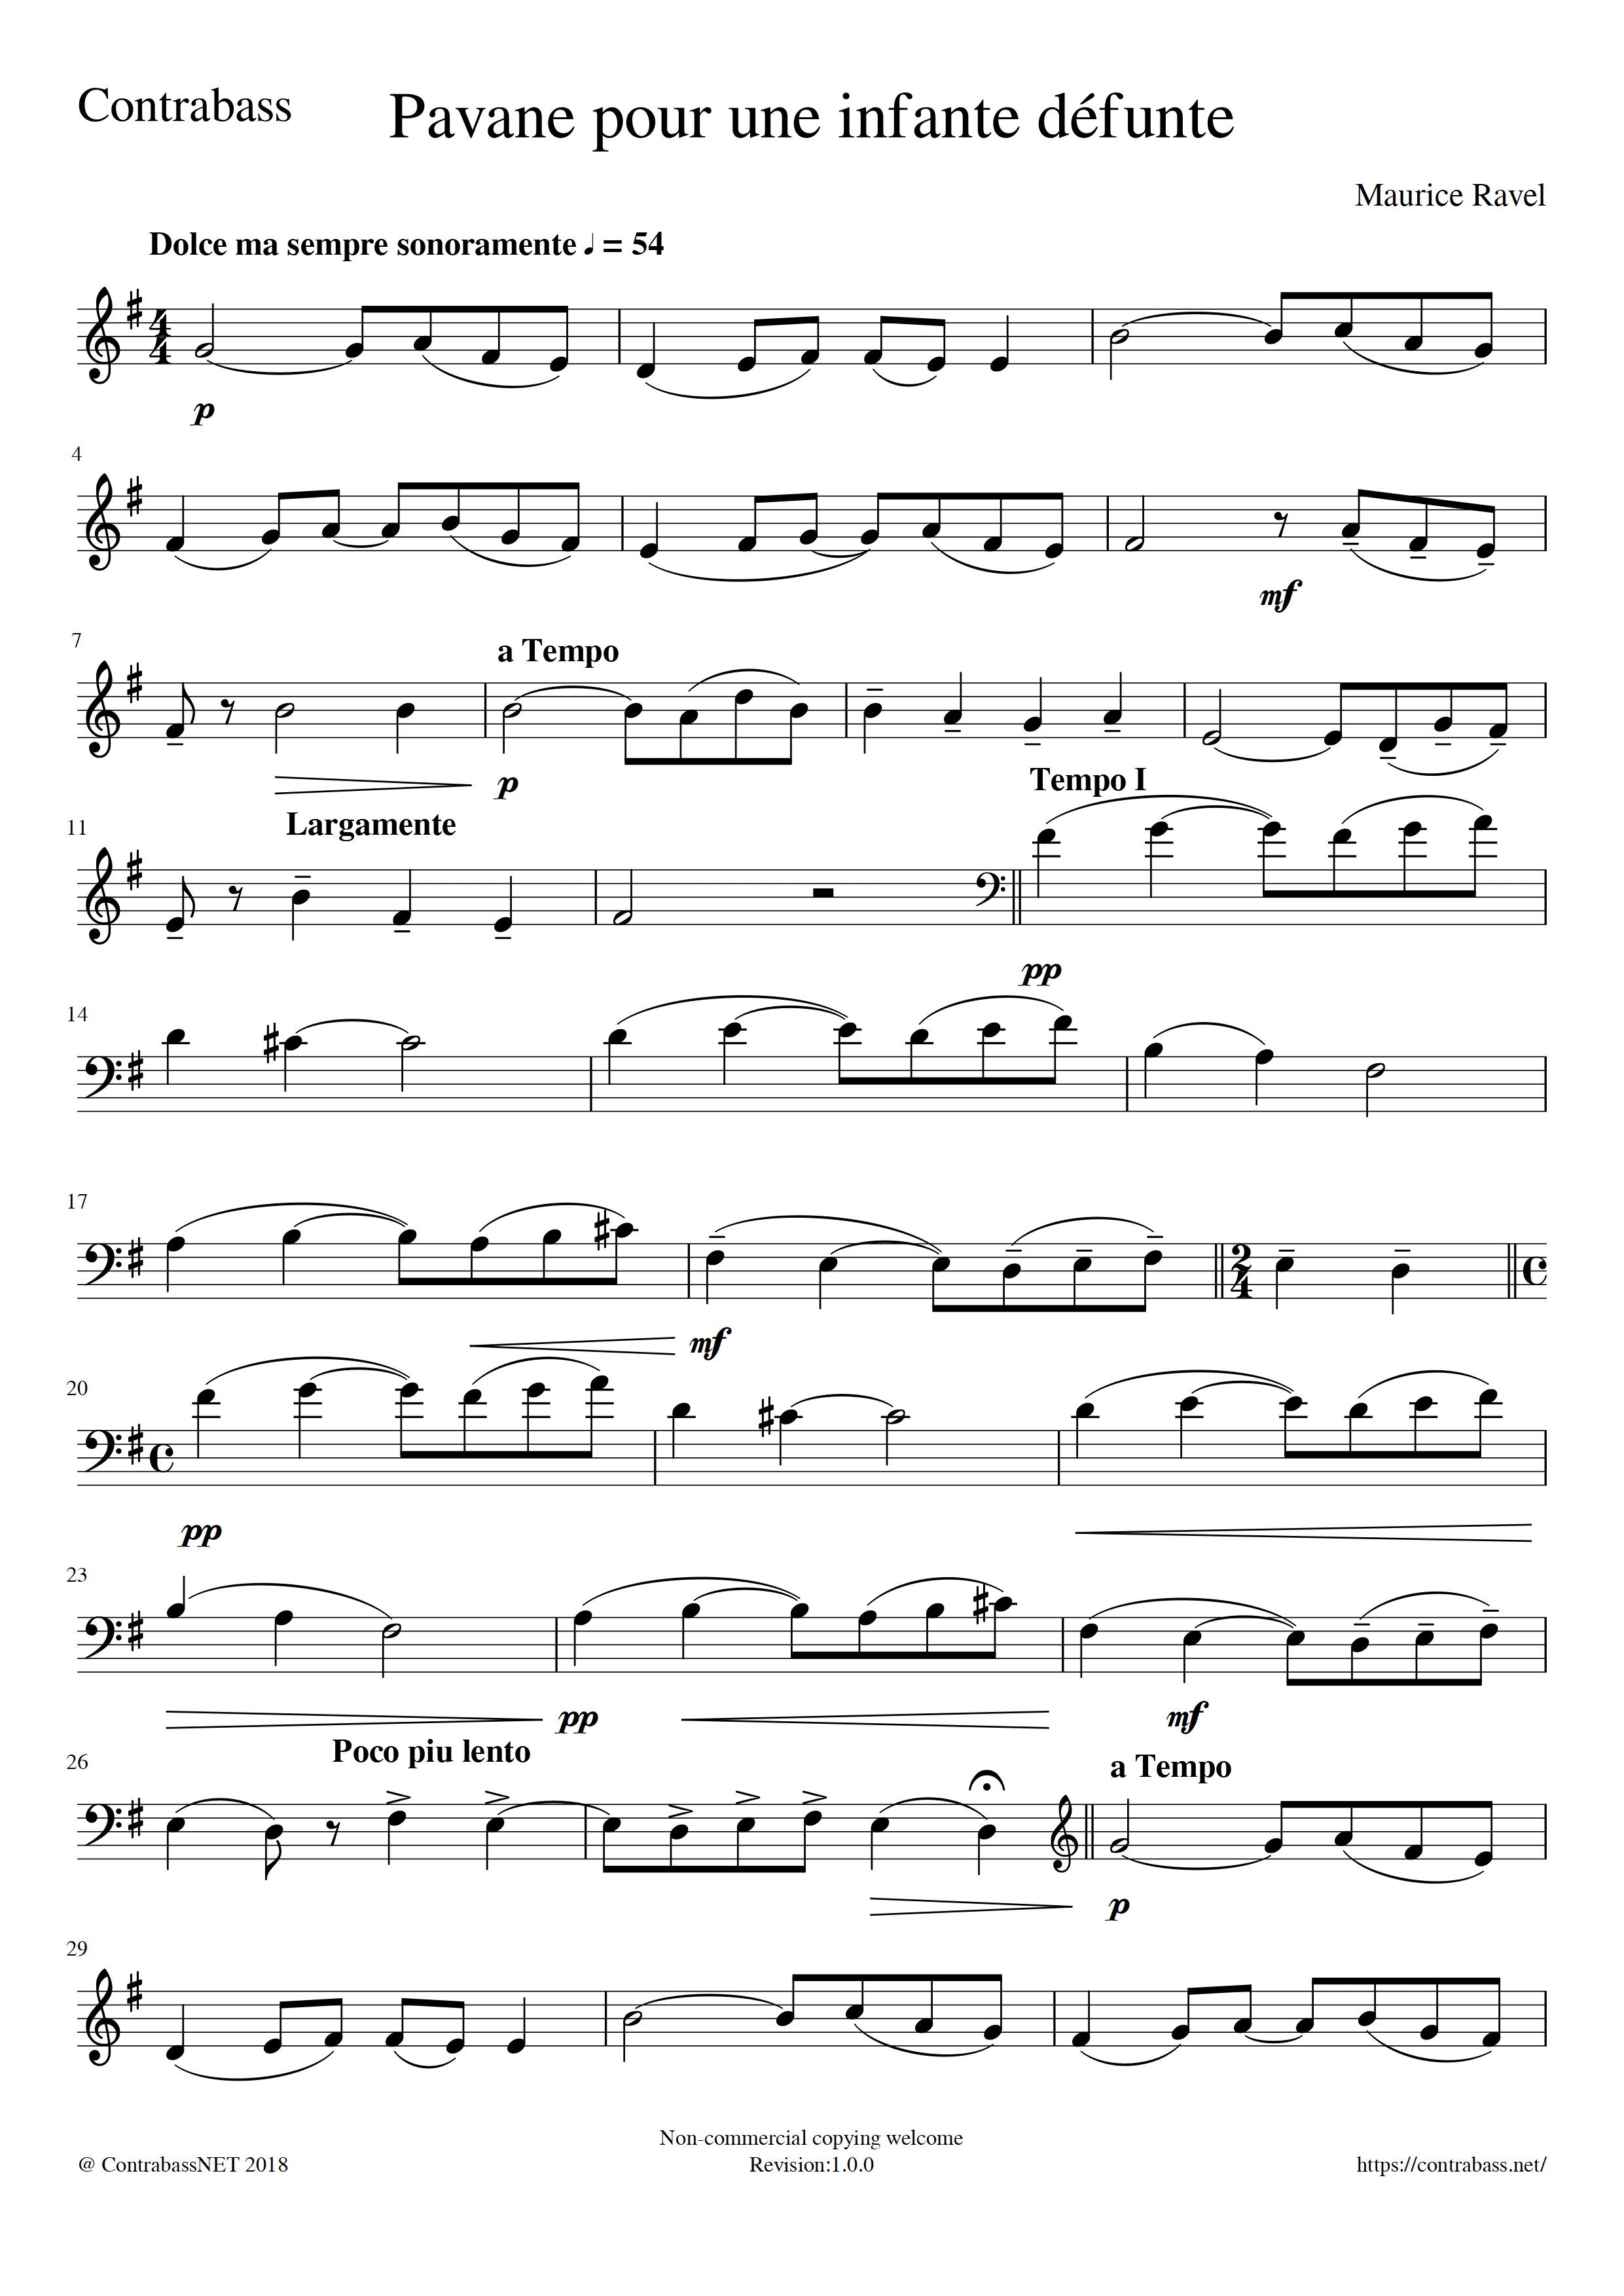 M.Ravel: Pavane pour une infante défunte Contrabass